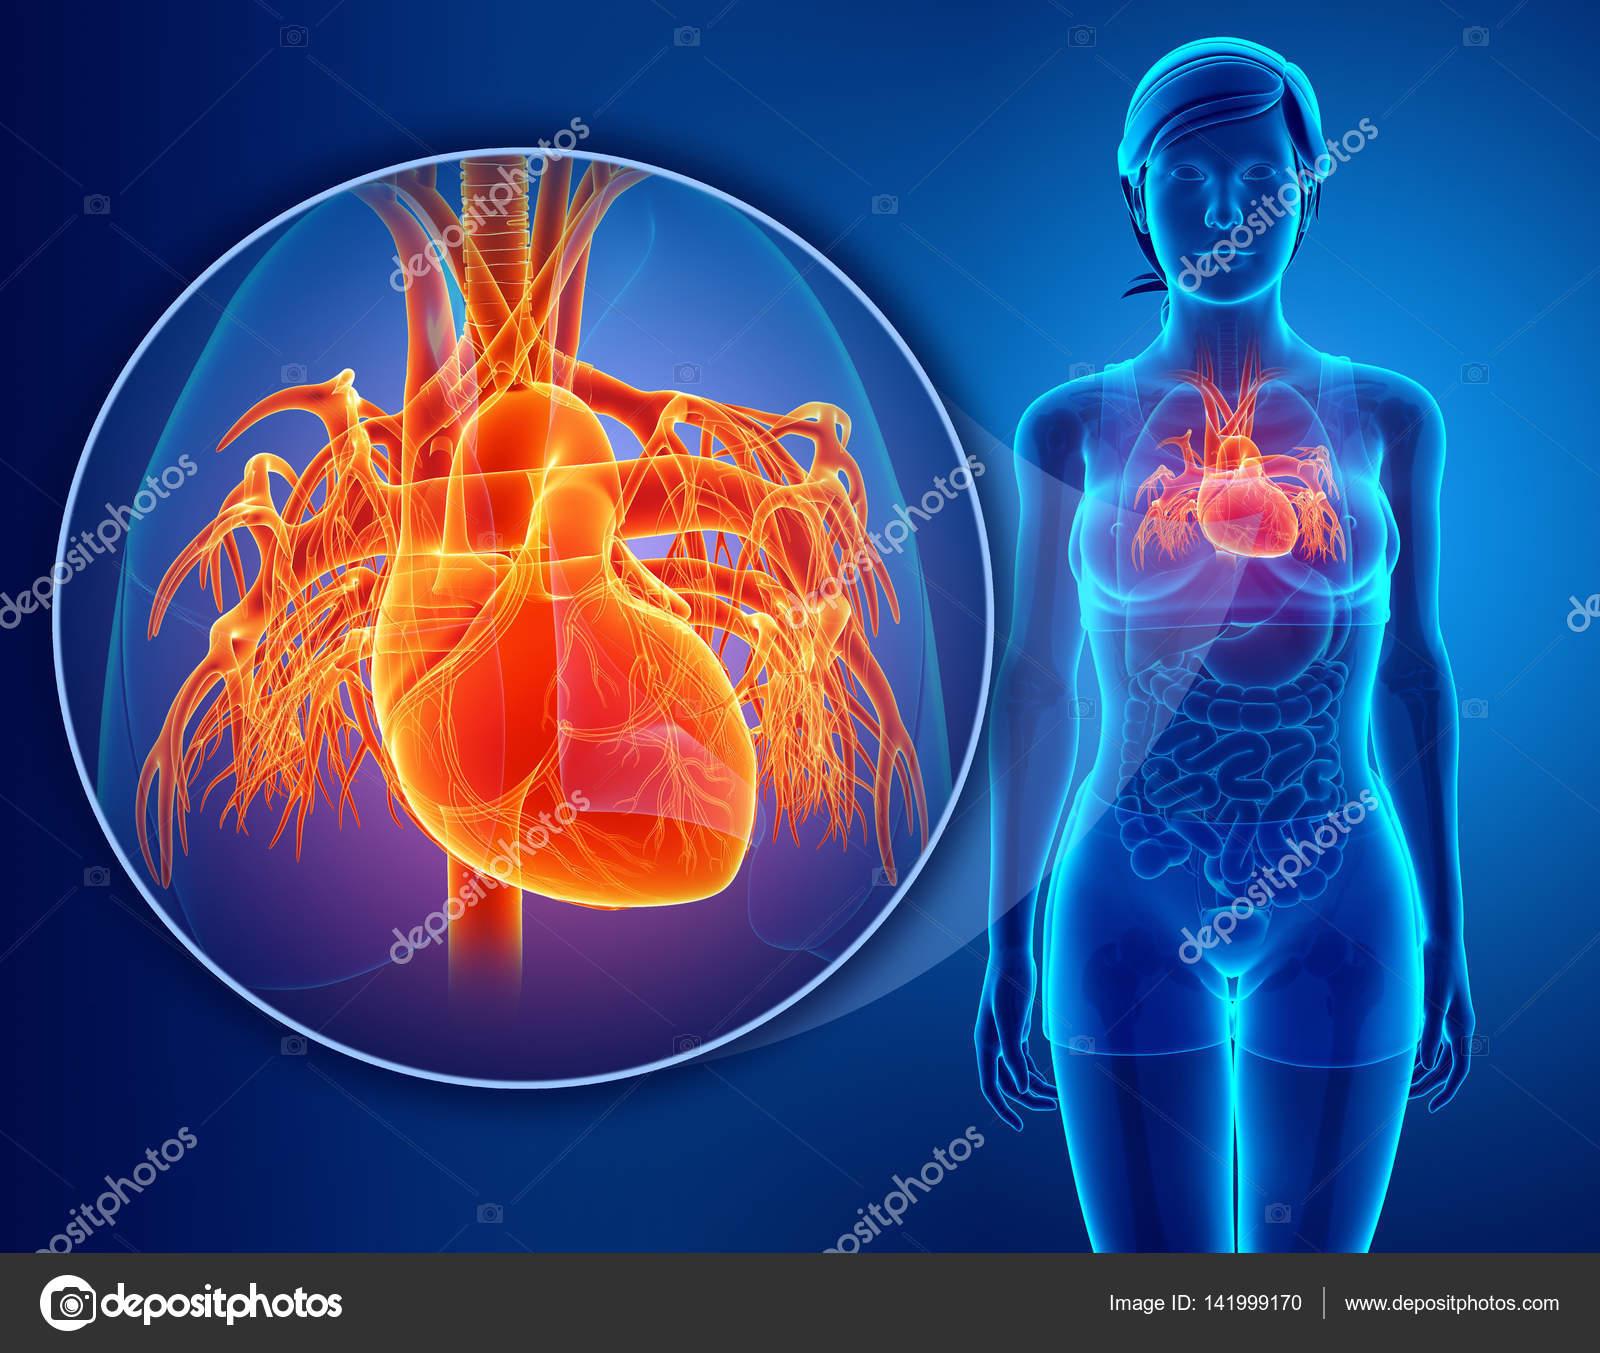 render 3D de anatomía humana de corazón — Foto de stock ...